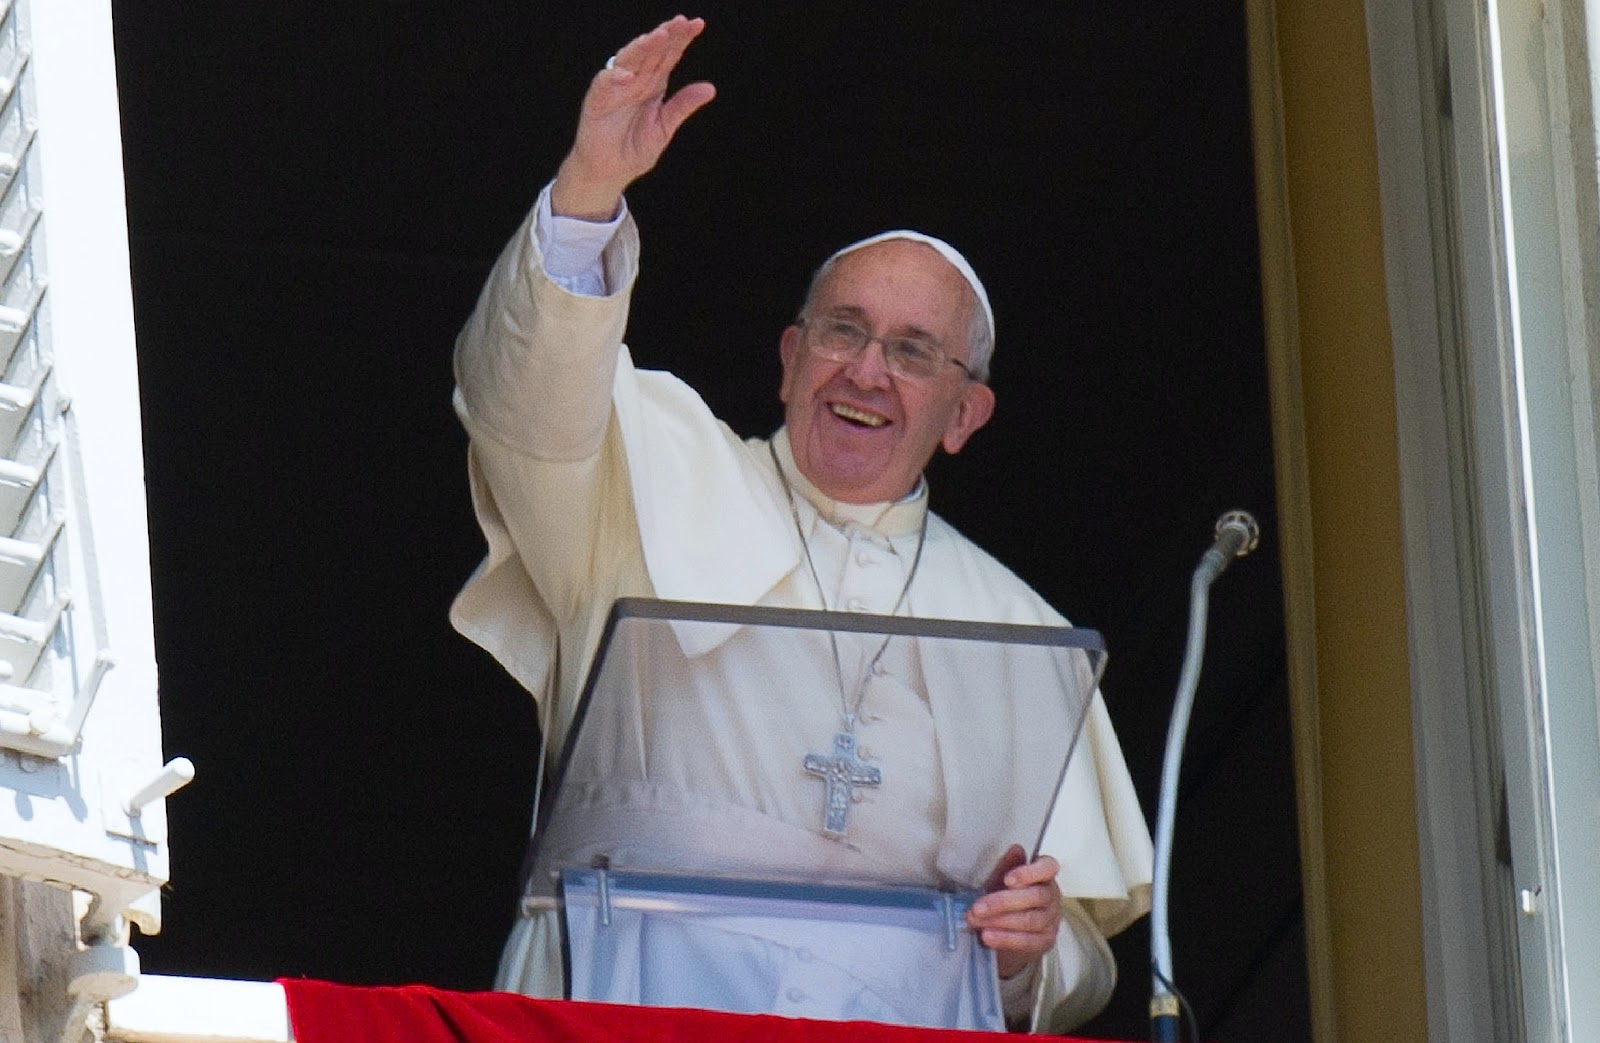 HUẤN TỪ KINH TRUYỀN TIN: Lễ Sinh nhật Thánh Gioan Tẩy giả, Đức Thánh Cha nhắc nhở 'Không điều gì là không thể đối với Thiên Chúa'